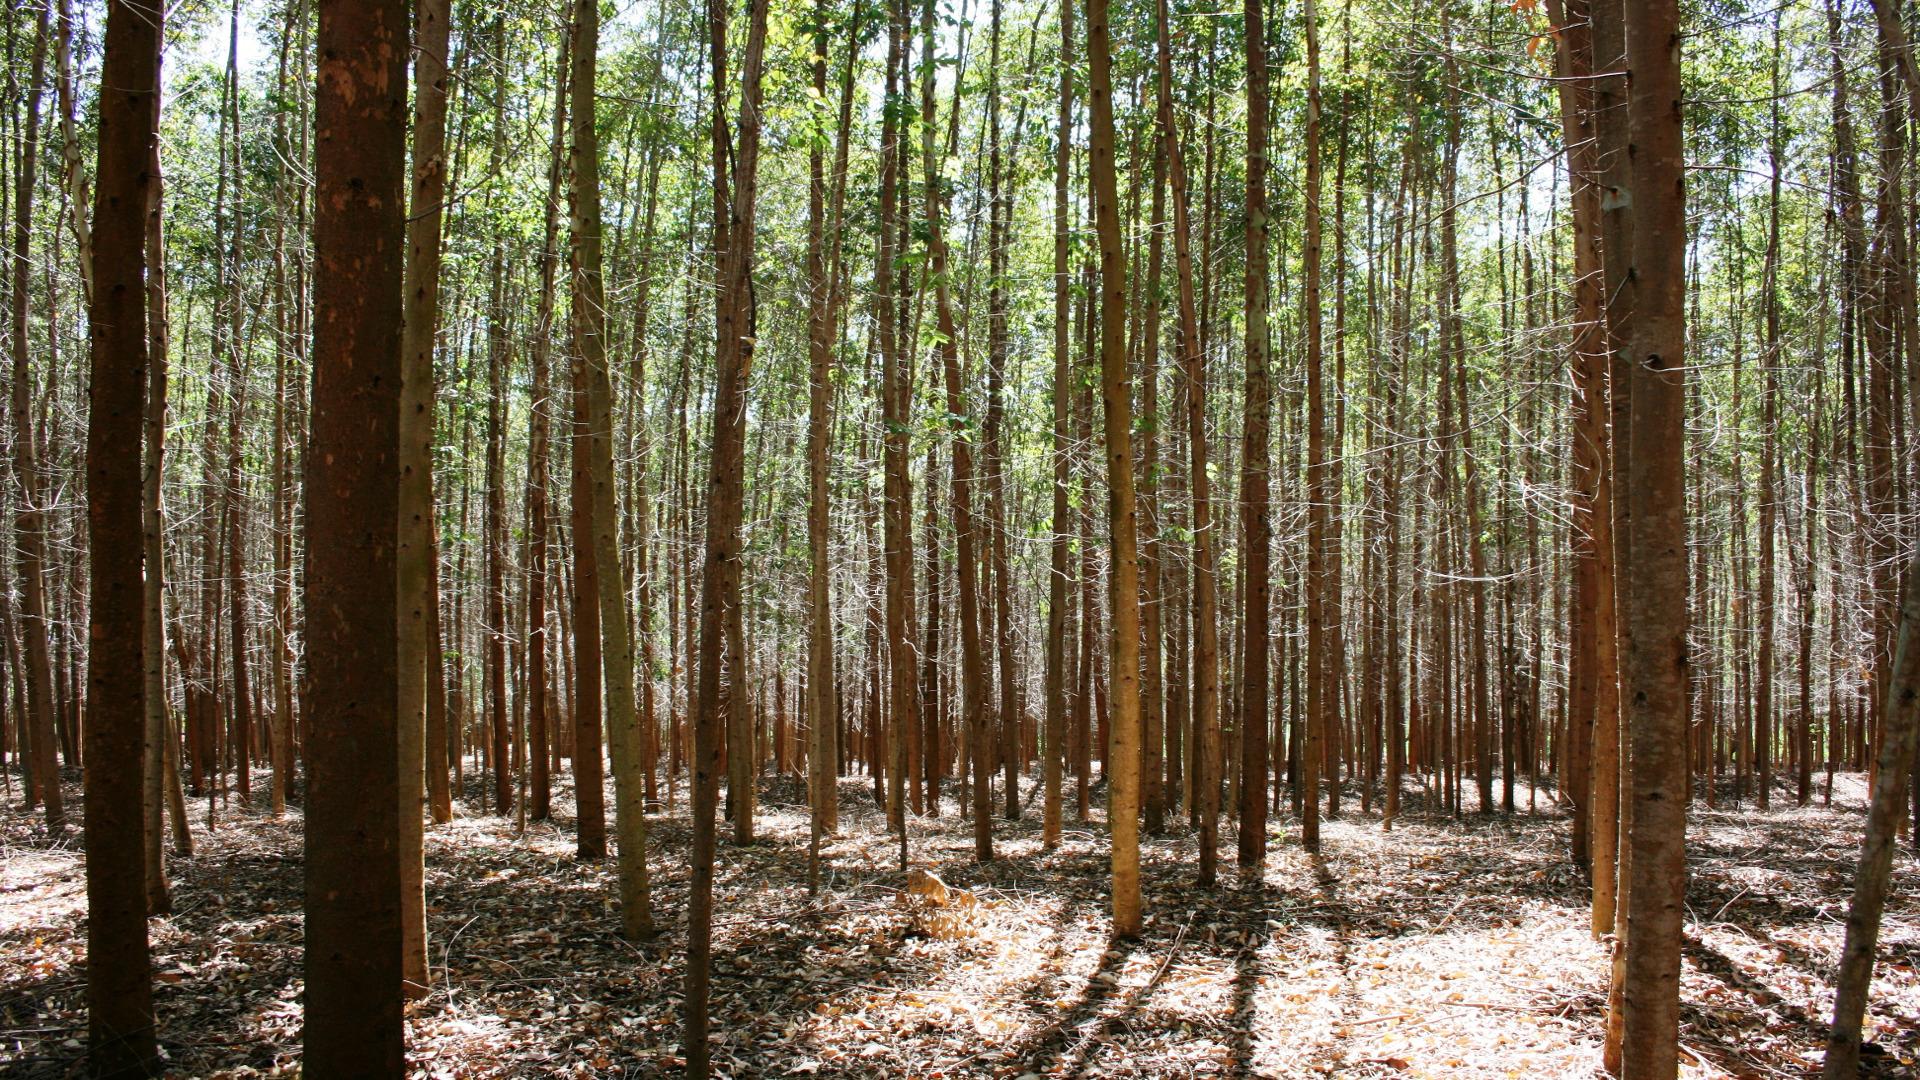 La primera cubierta reticular del mundo hecha con eucalipto se construye en Lugo